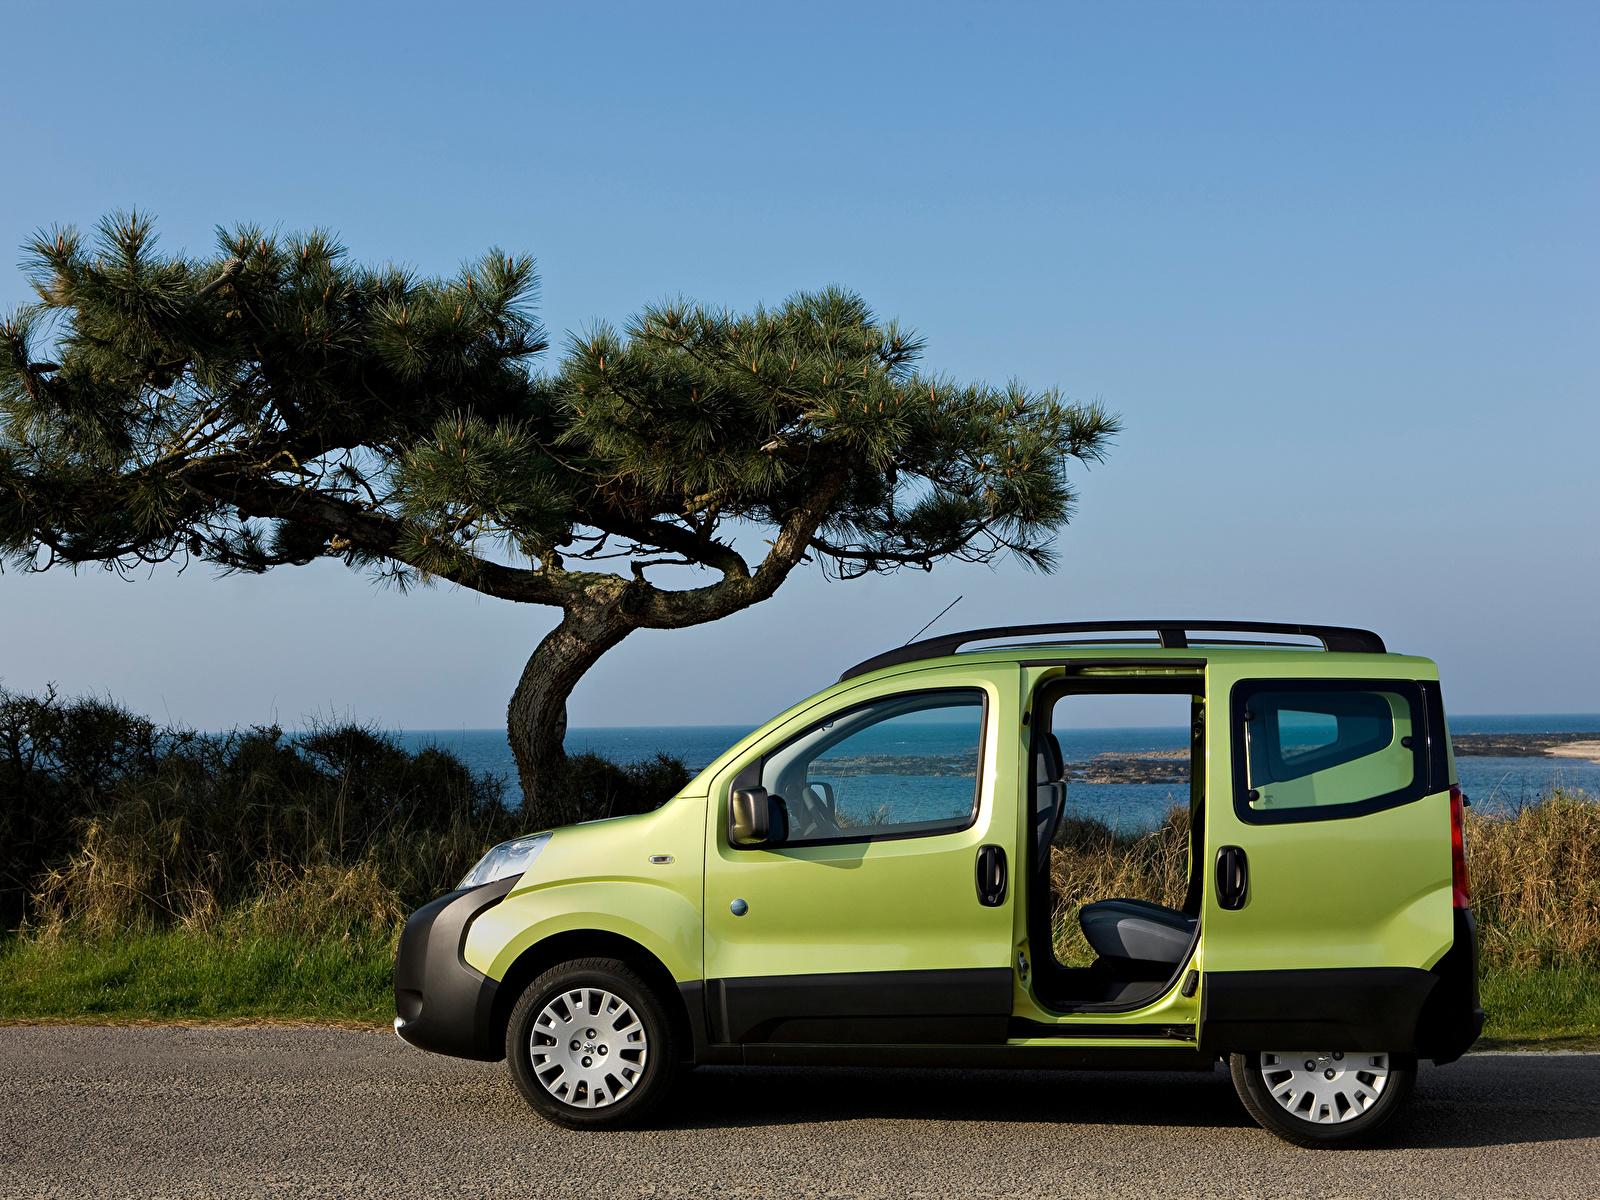 Фото Пежо Открытая дверь Bipper Tepee Outdoor, 2009–17 Минивэн Зеленый авто Сбоку Металлик 1600x1200 Peugeot зеленая зеленые зеленых машина машины Автомобили автомобиль